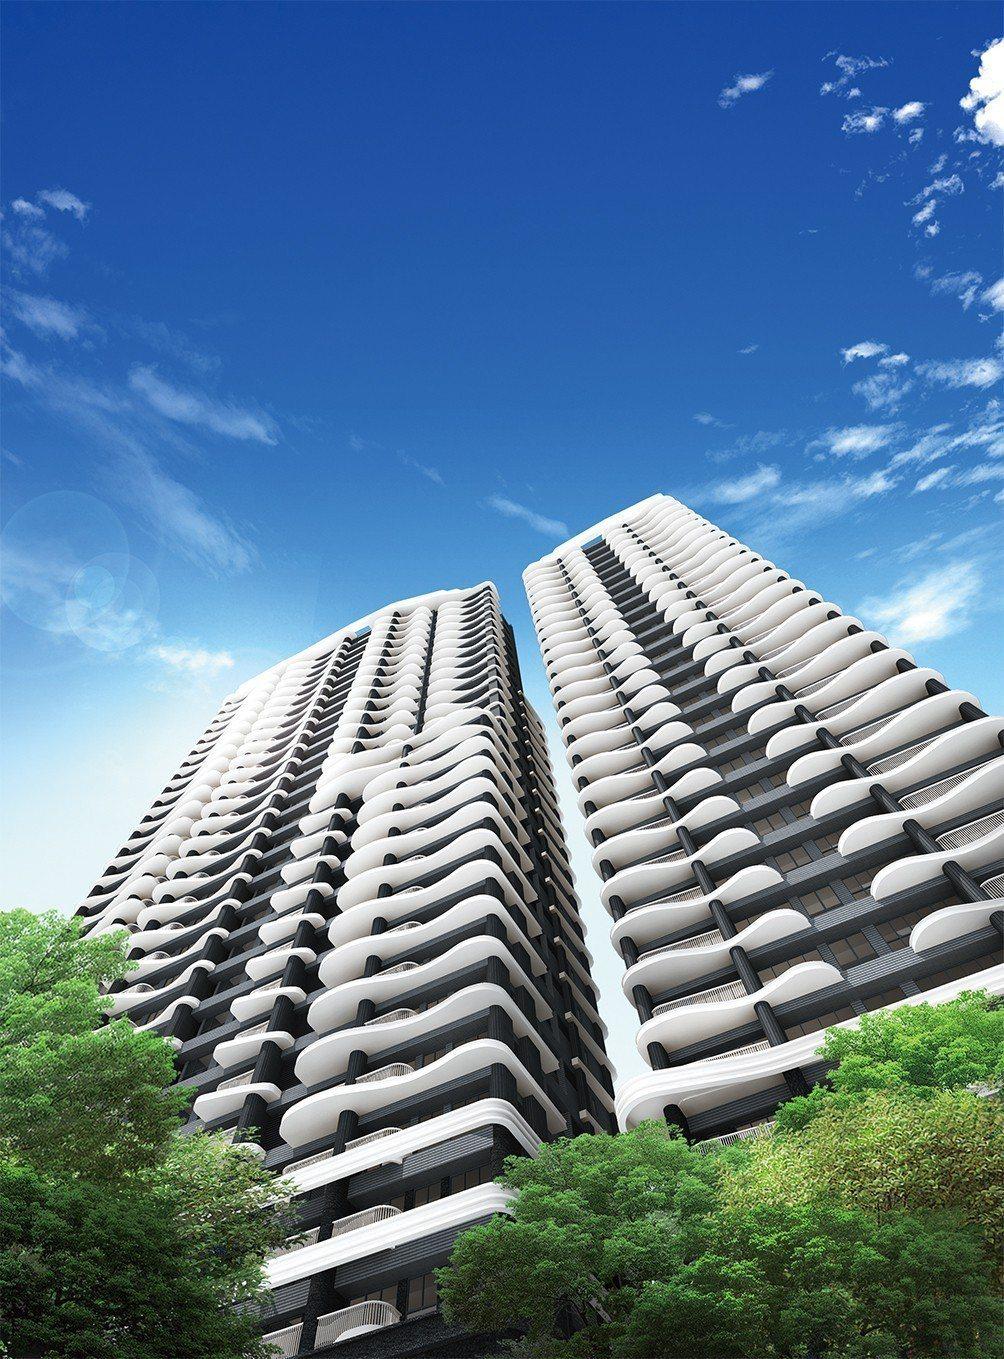 雙水灣由設計北京水立方的PTW建築團隊設計,國際感十足。 圖/雙水灣 提供